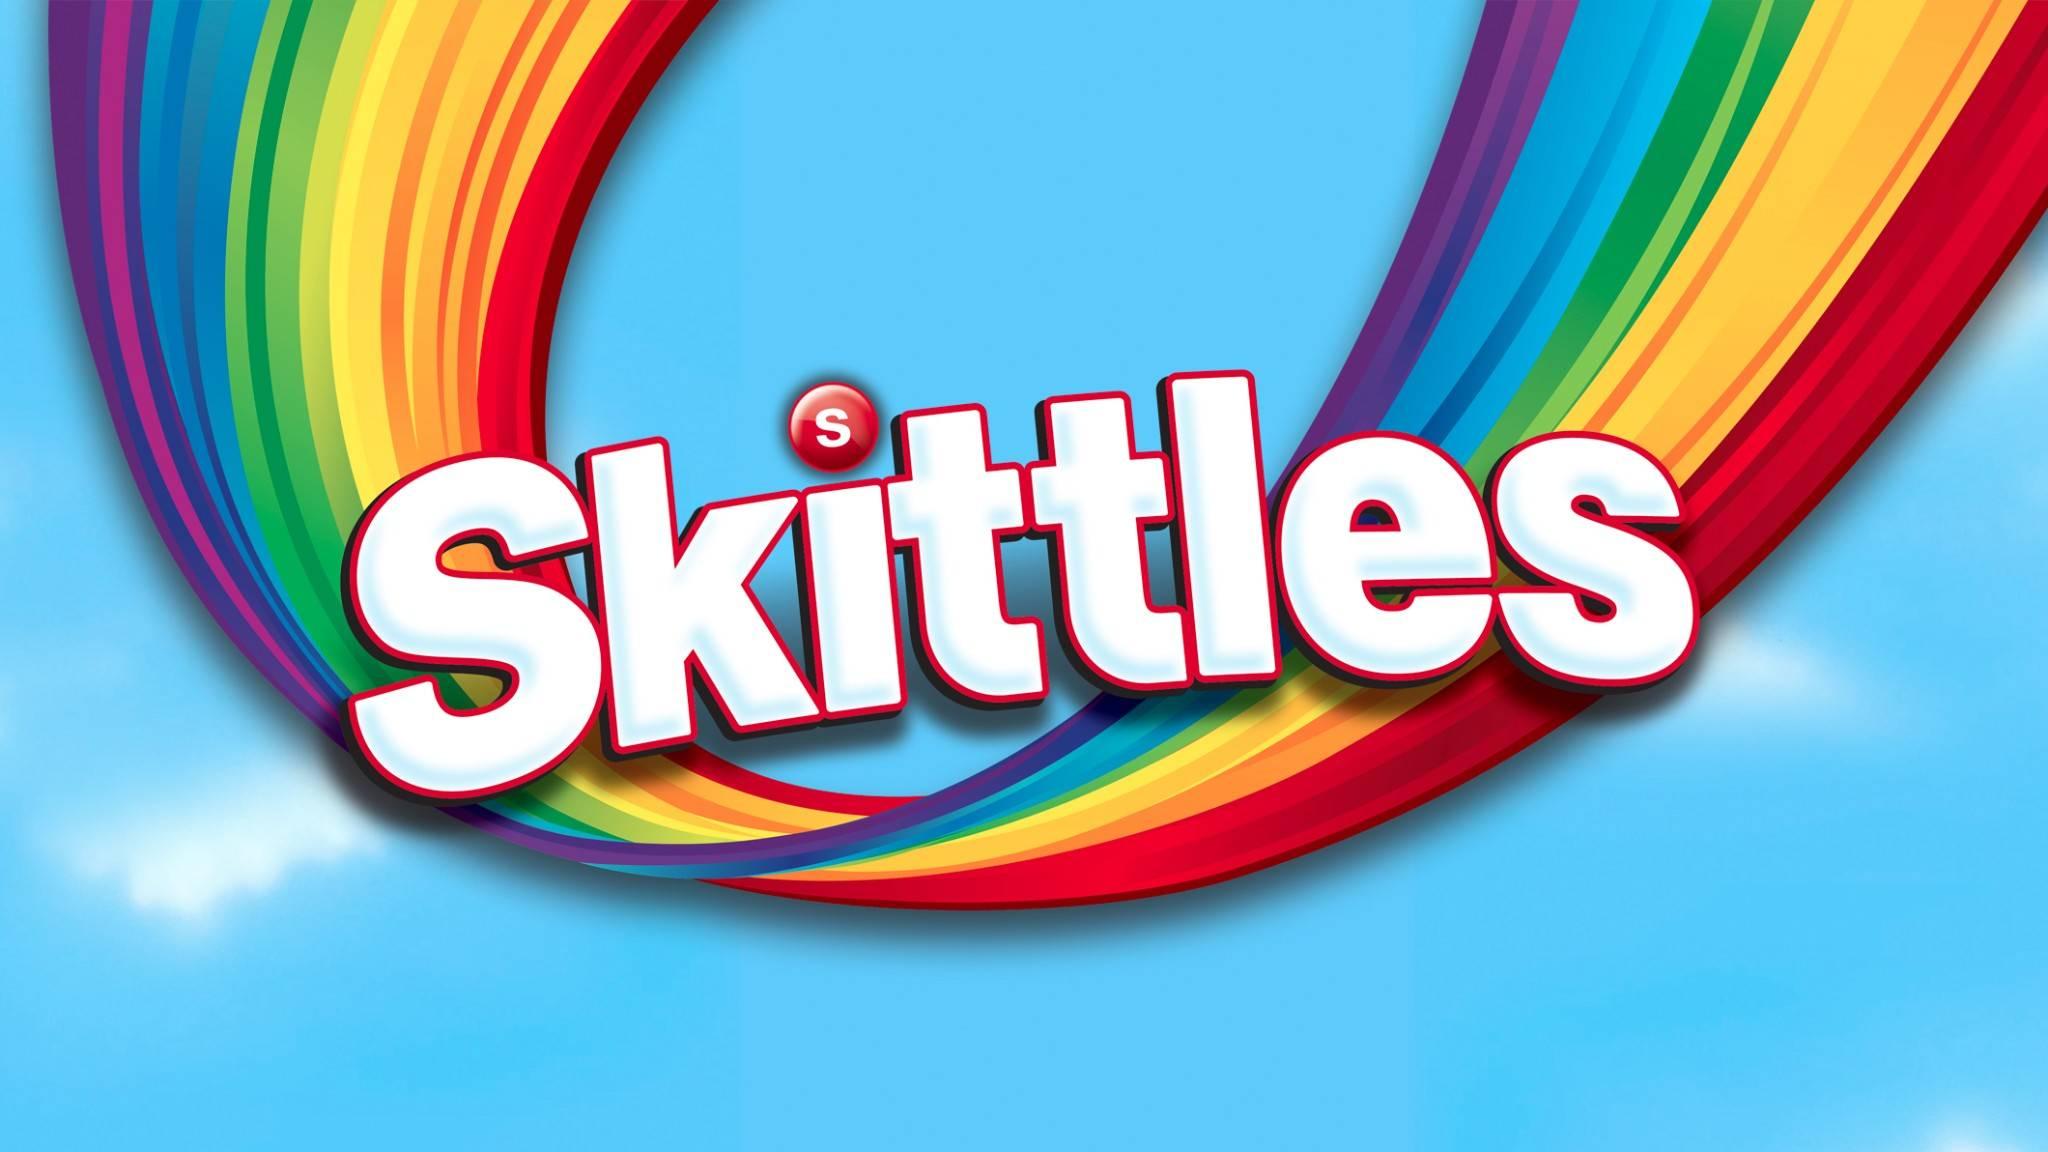 Skittles Wallpapers - Wallpaper Cave Skittles Taste The Rainbow Logo